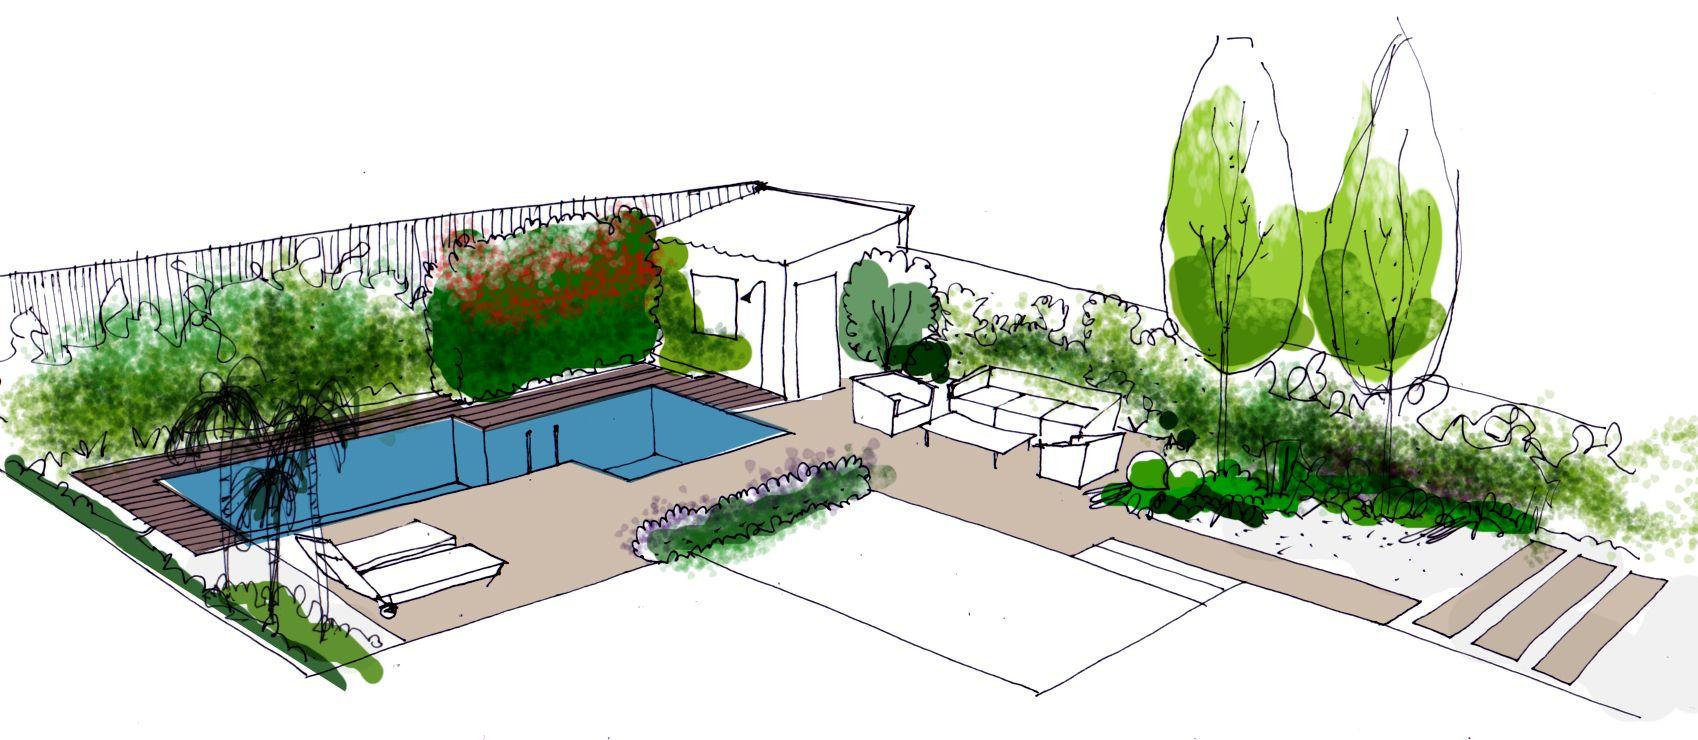 Dise o para un jard n con piscina y nuevas zonas - Diseno de piscinas ...